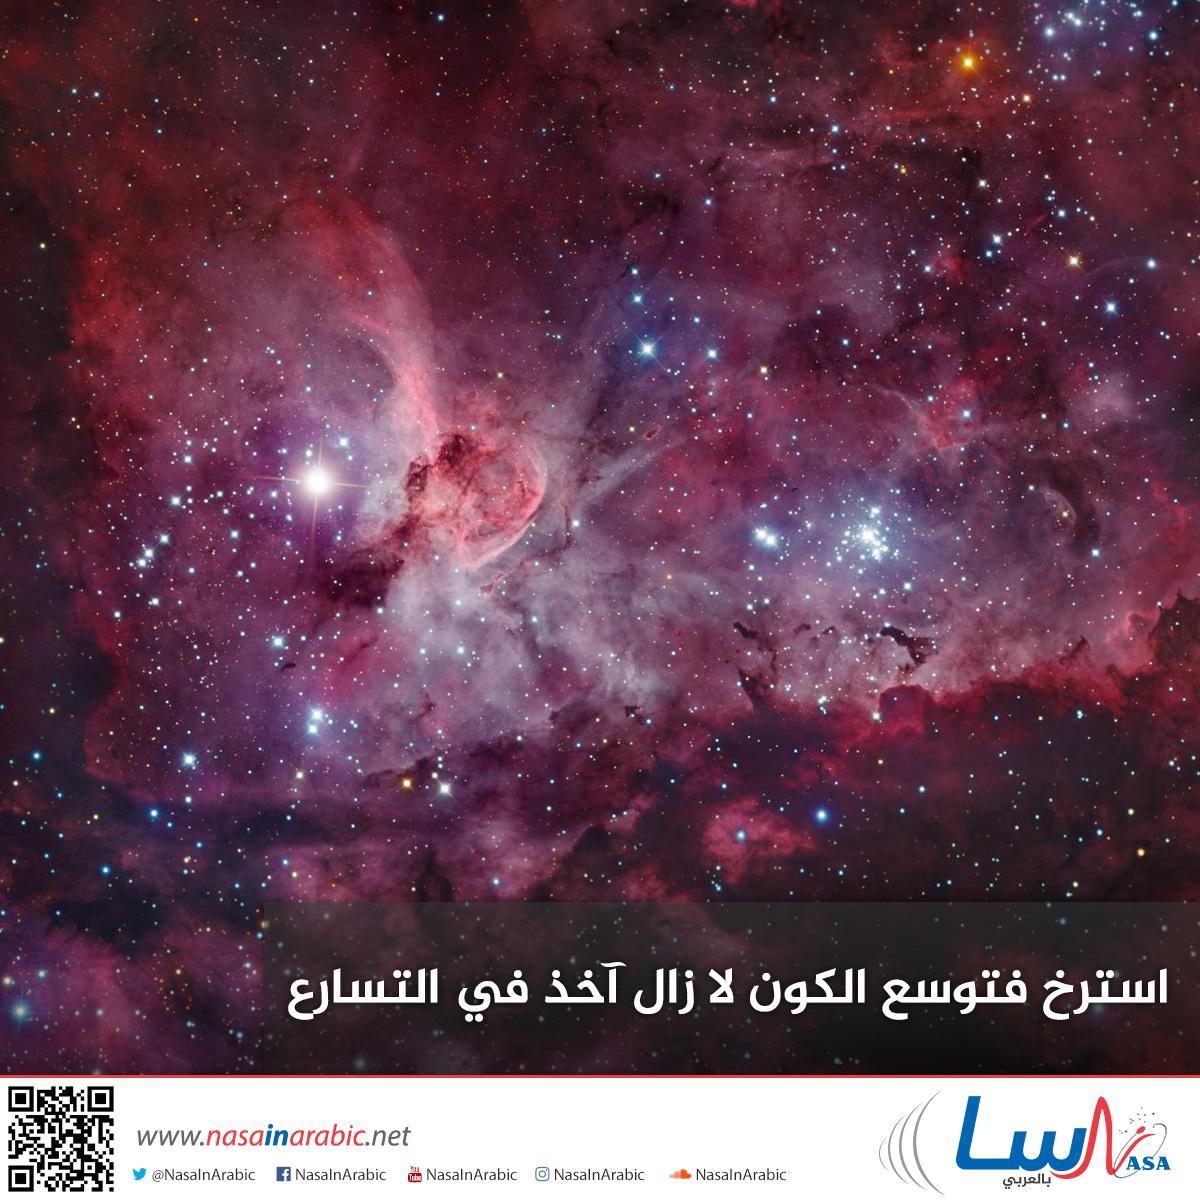 استرخ فتوسع الكون لا زال آخذًا في التسارع!